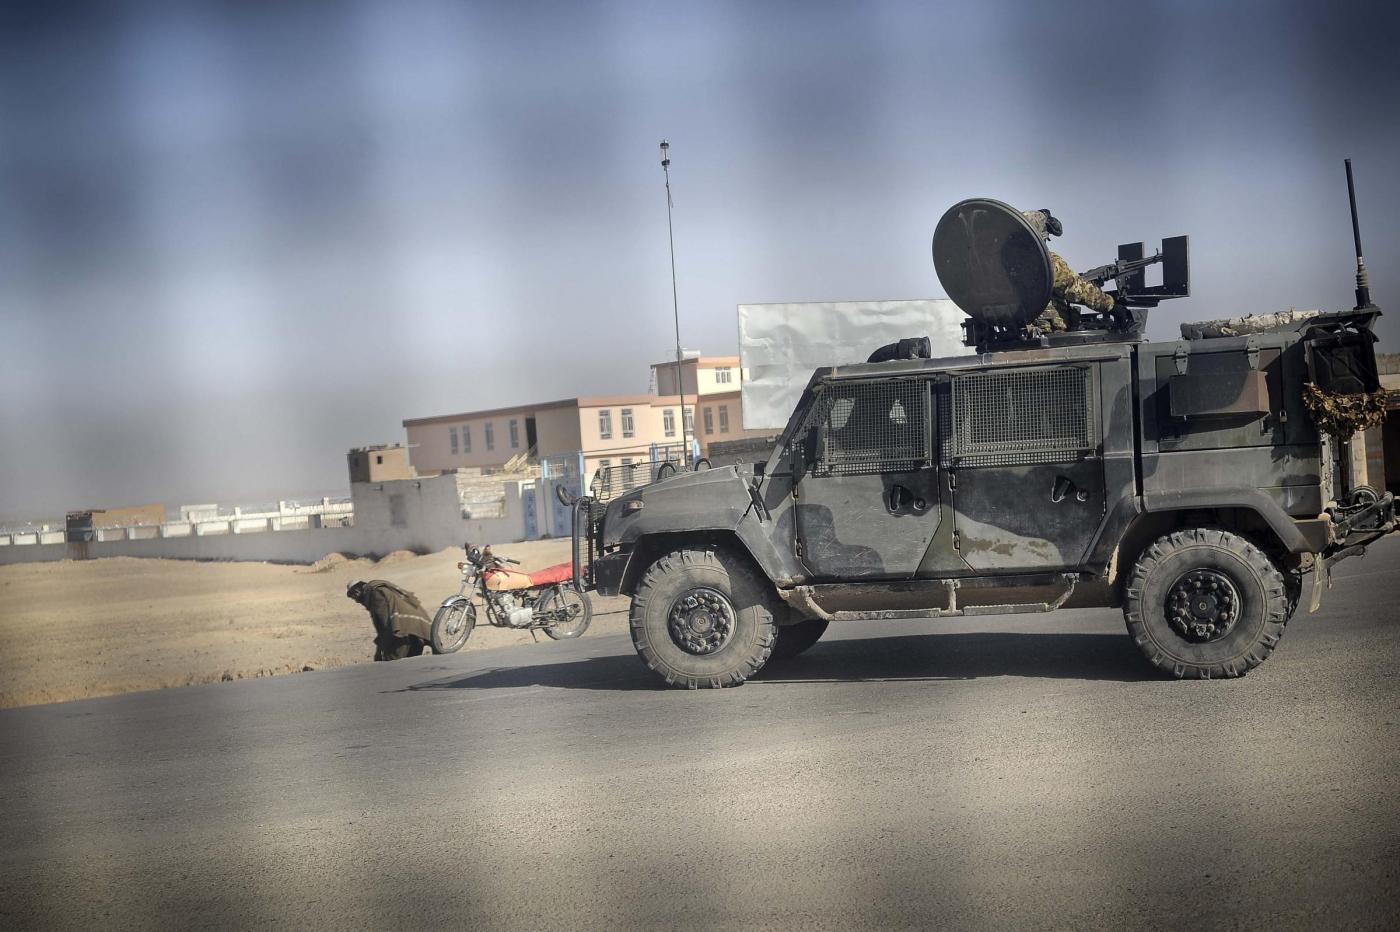 Italia, Di Maio: ipotesi ambasciata da Kabul a Doha - Pars